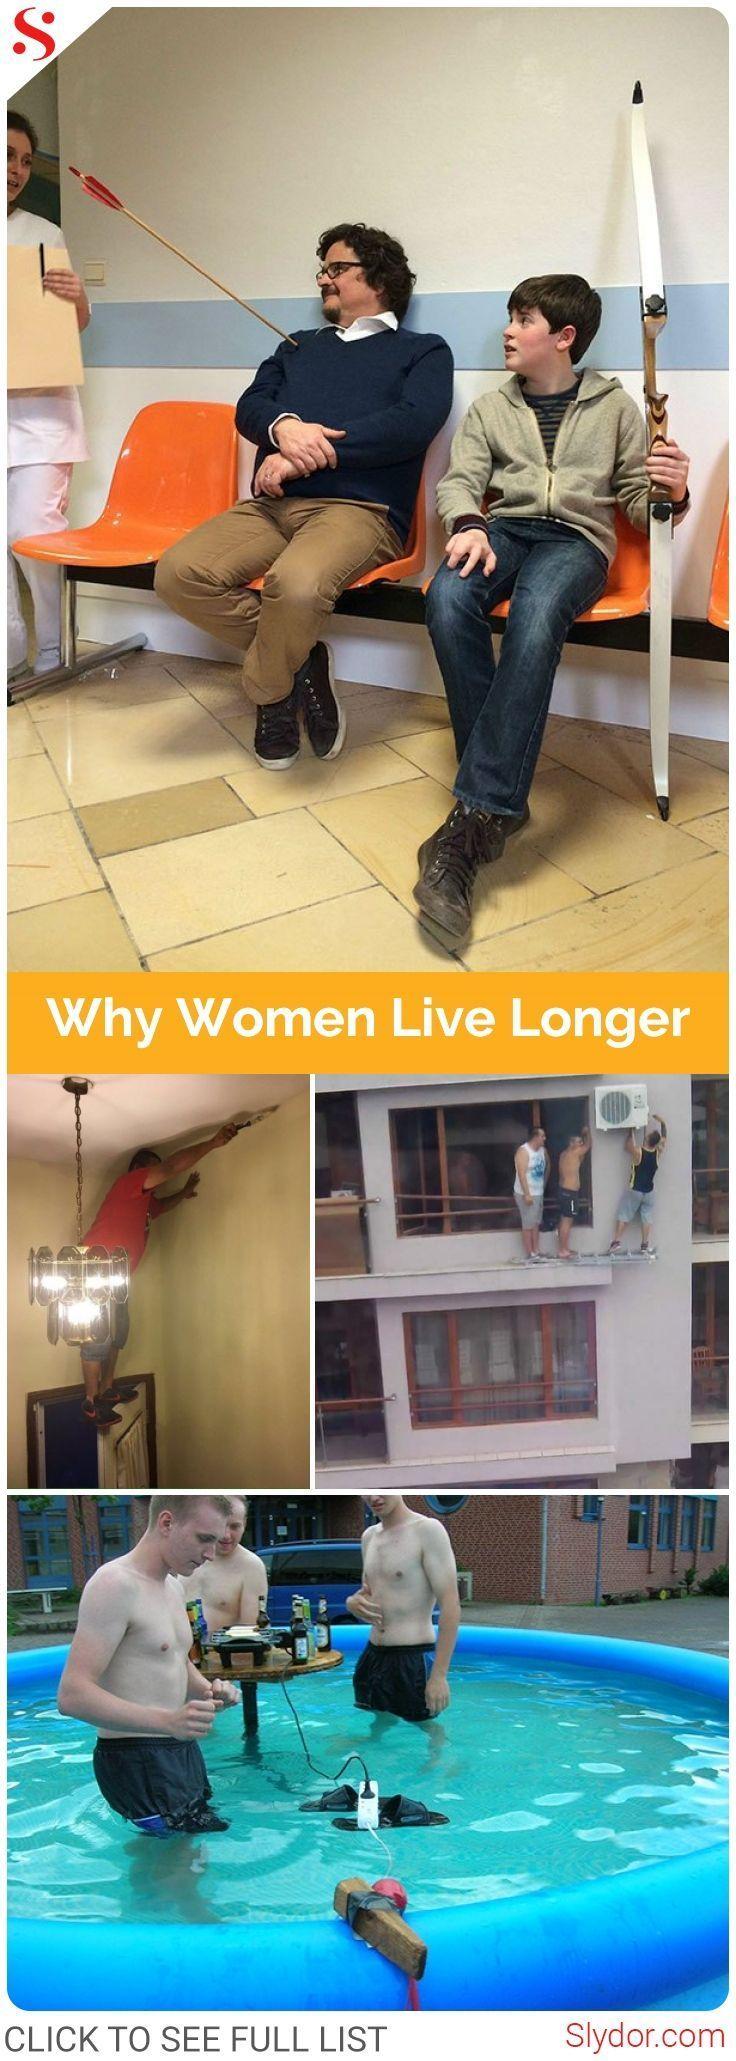 10 Logical Proofs Why Women Live Longer Than Men#proofs #women #men #man #woman #life #lifespan #fun #funny #humor #fact #facts #slydor #dailydoseoffun